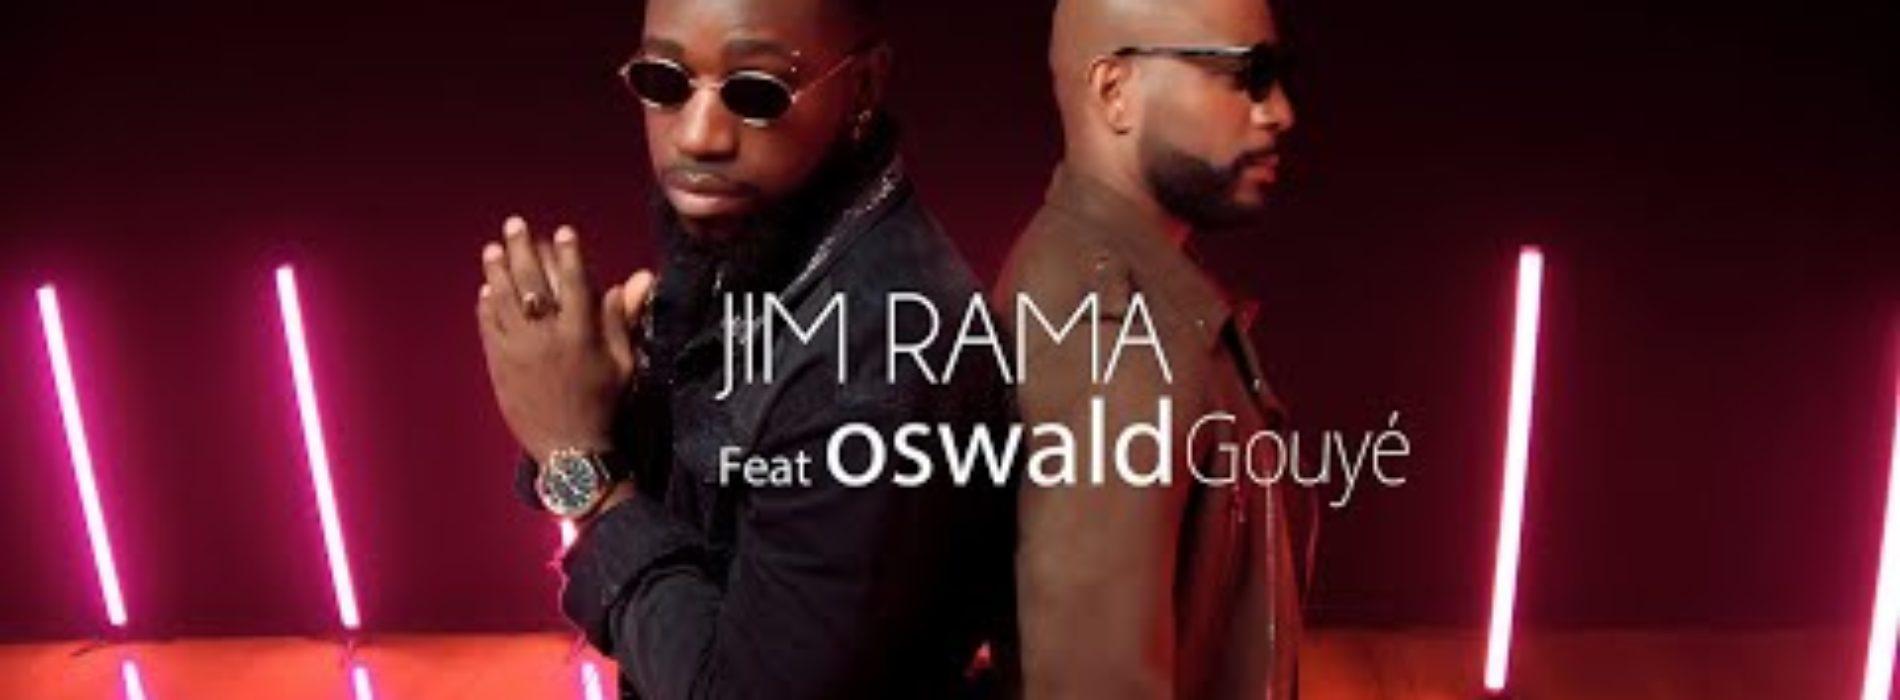 """Jim Rama Featuring Oswald """"Gouyé"""" Jim Rama  Jim Rama – Décembre 2019"""